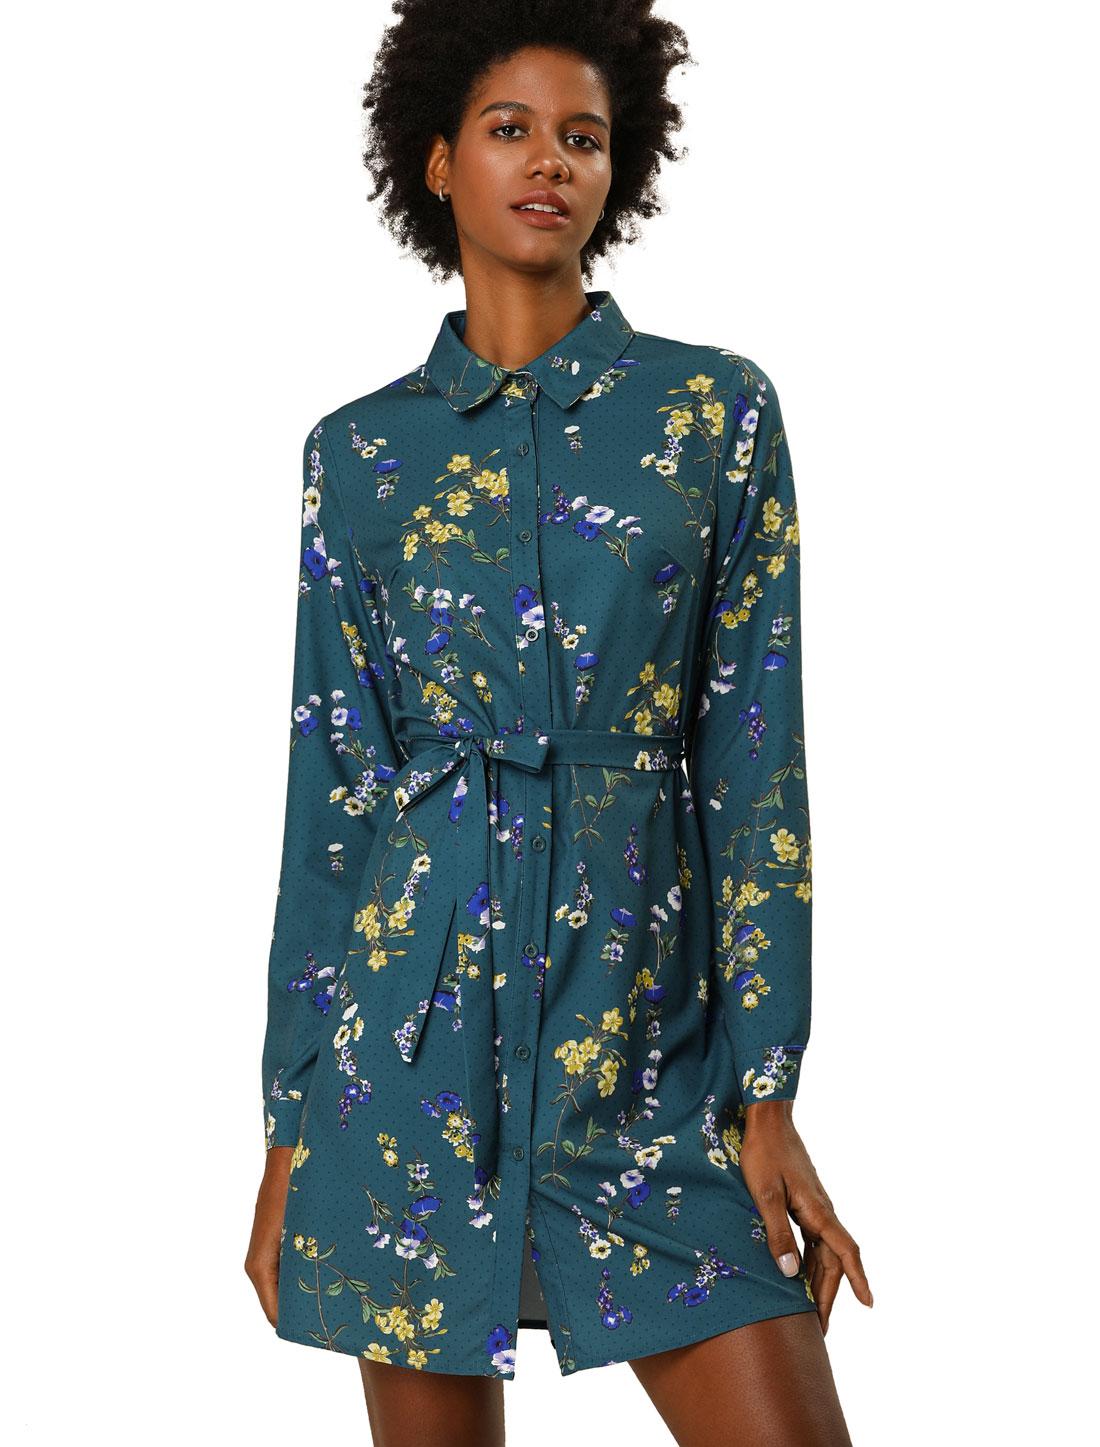 Allegra K Women's Button Down Polka Dots Floral Shirt Dress Teal Blue M